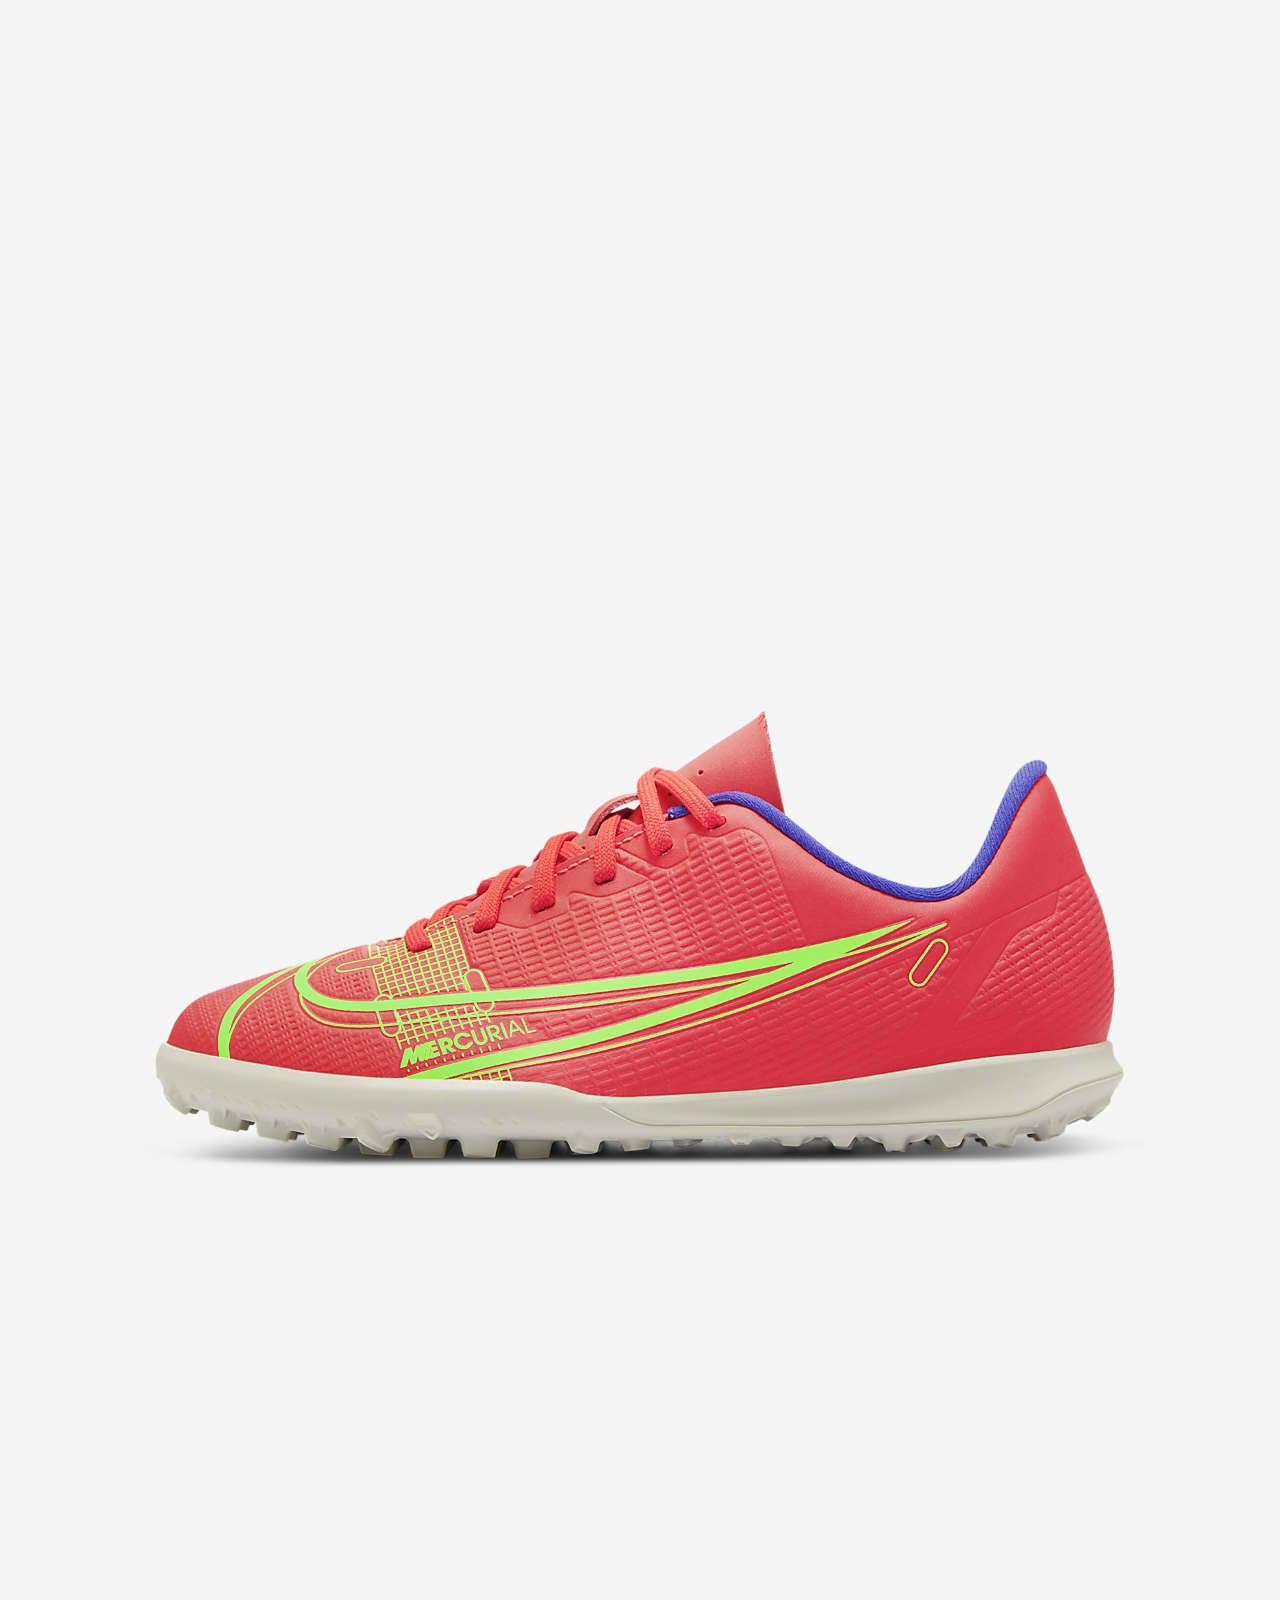 Calzado de fútbol para césped deportivo para niños talla pequeña/grande Nike Jr. Mercurial Vapor 14 Club TF